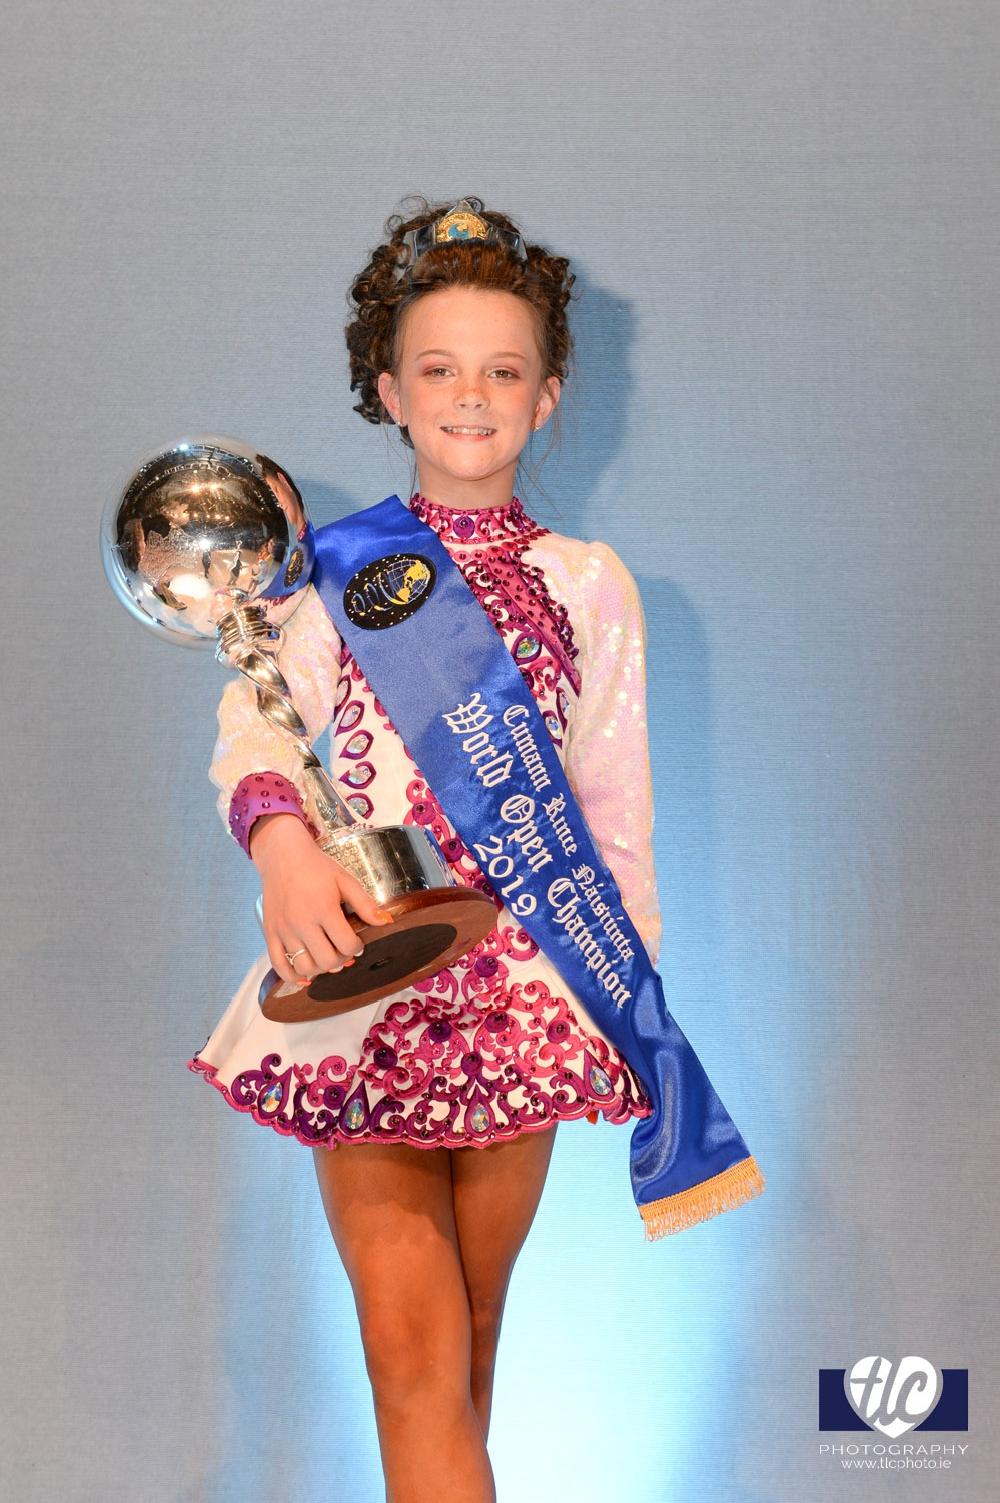 Girls Under 10 World Champion